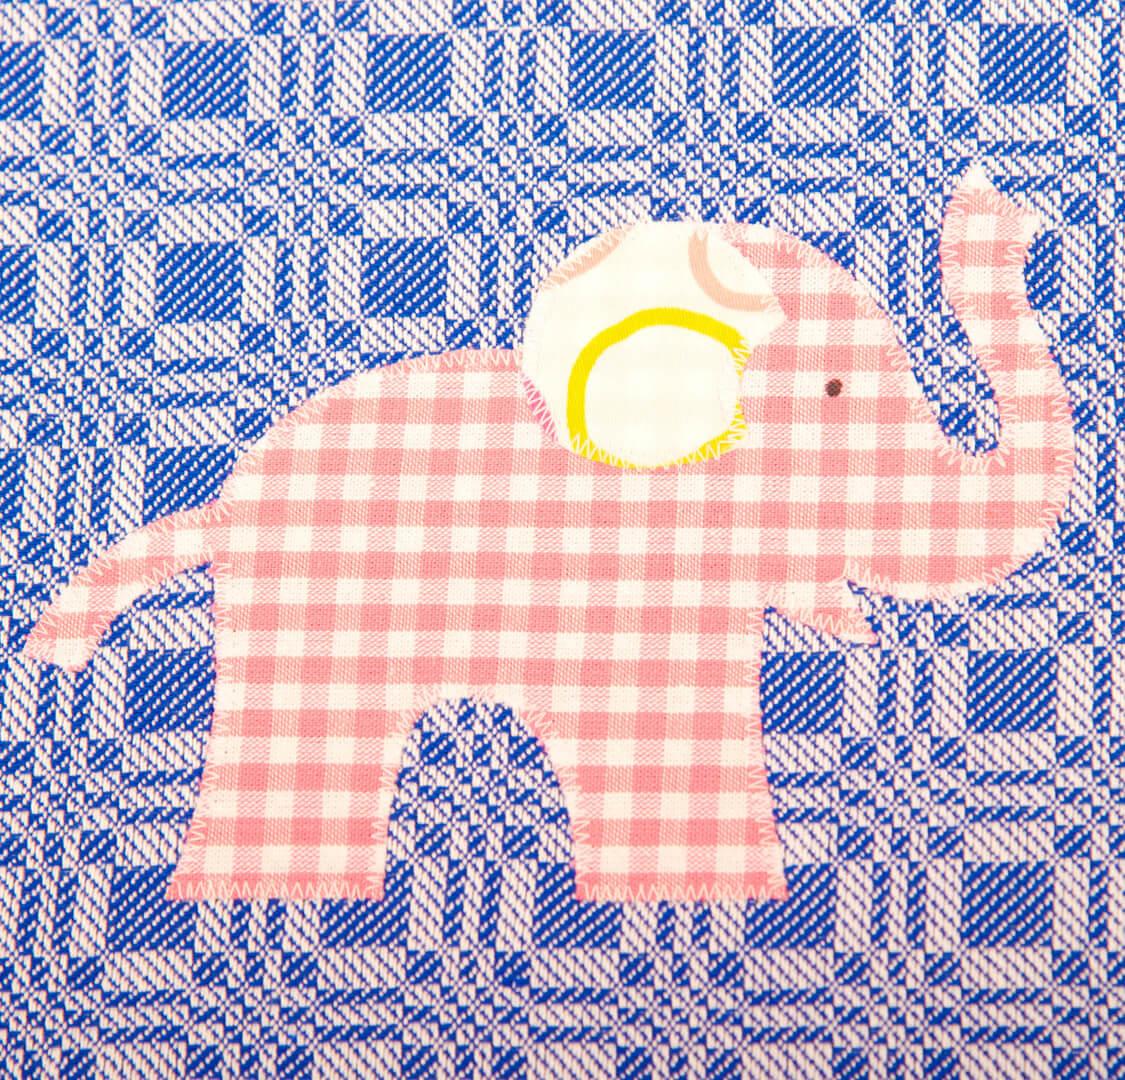 Dunkelblaues Geschirrtuch mit rosa Elefant